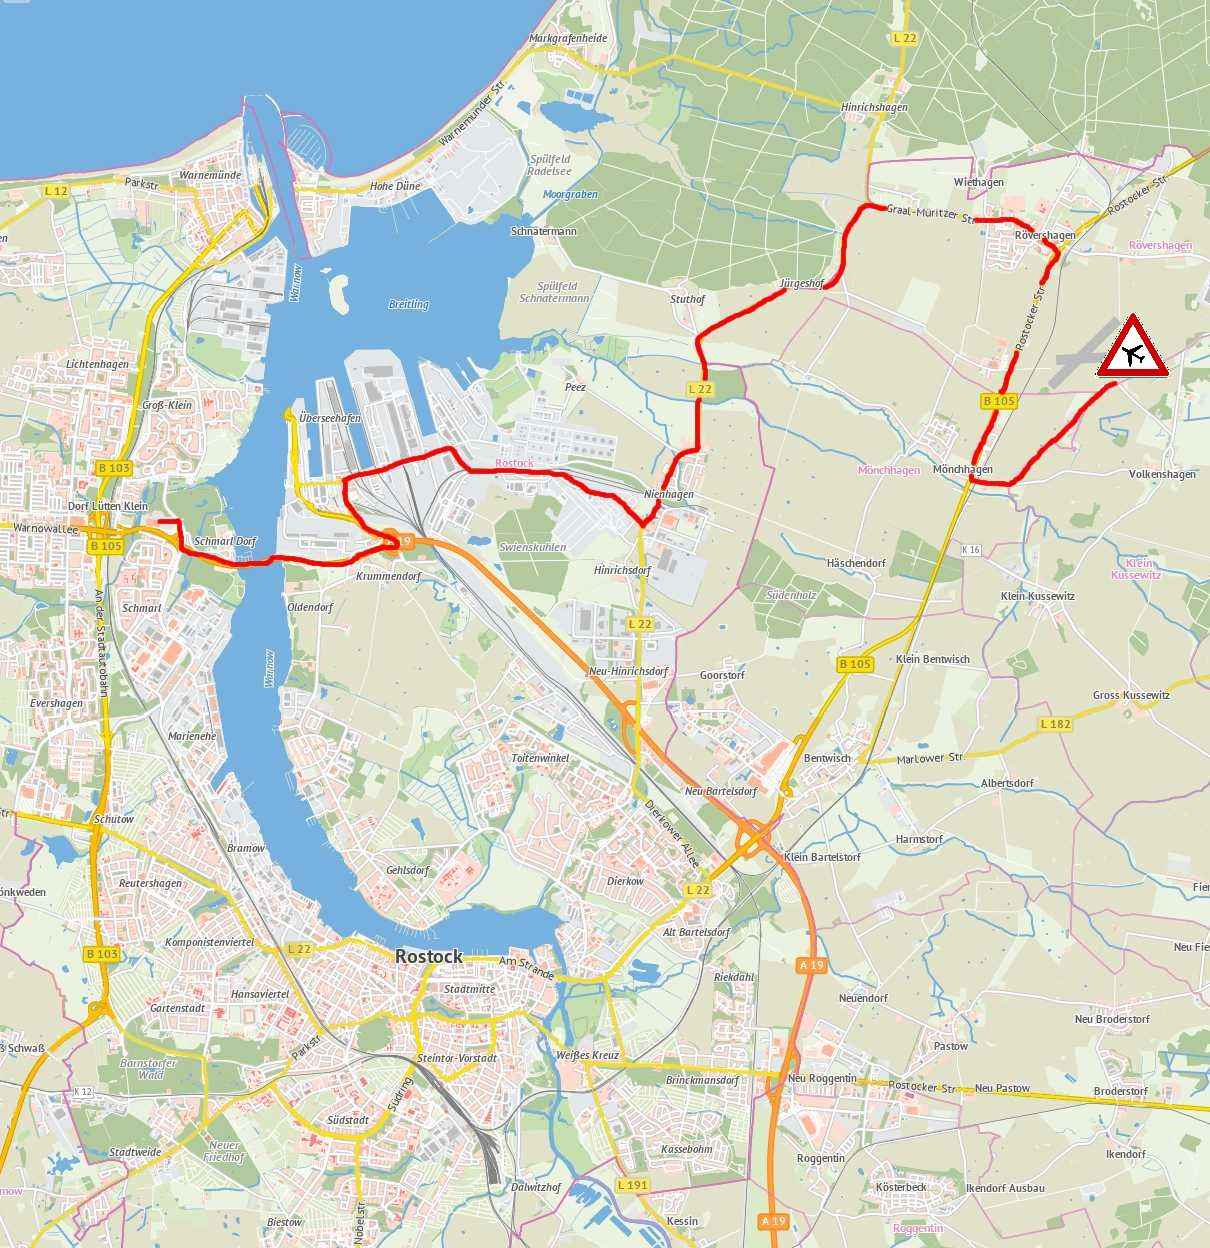 Streckenverlauf 8. Warnowtour 2013 zum Flugplatz Purkshof